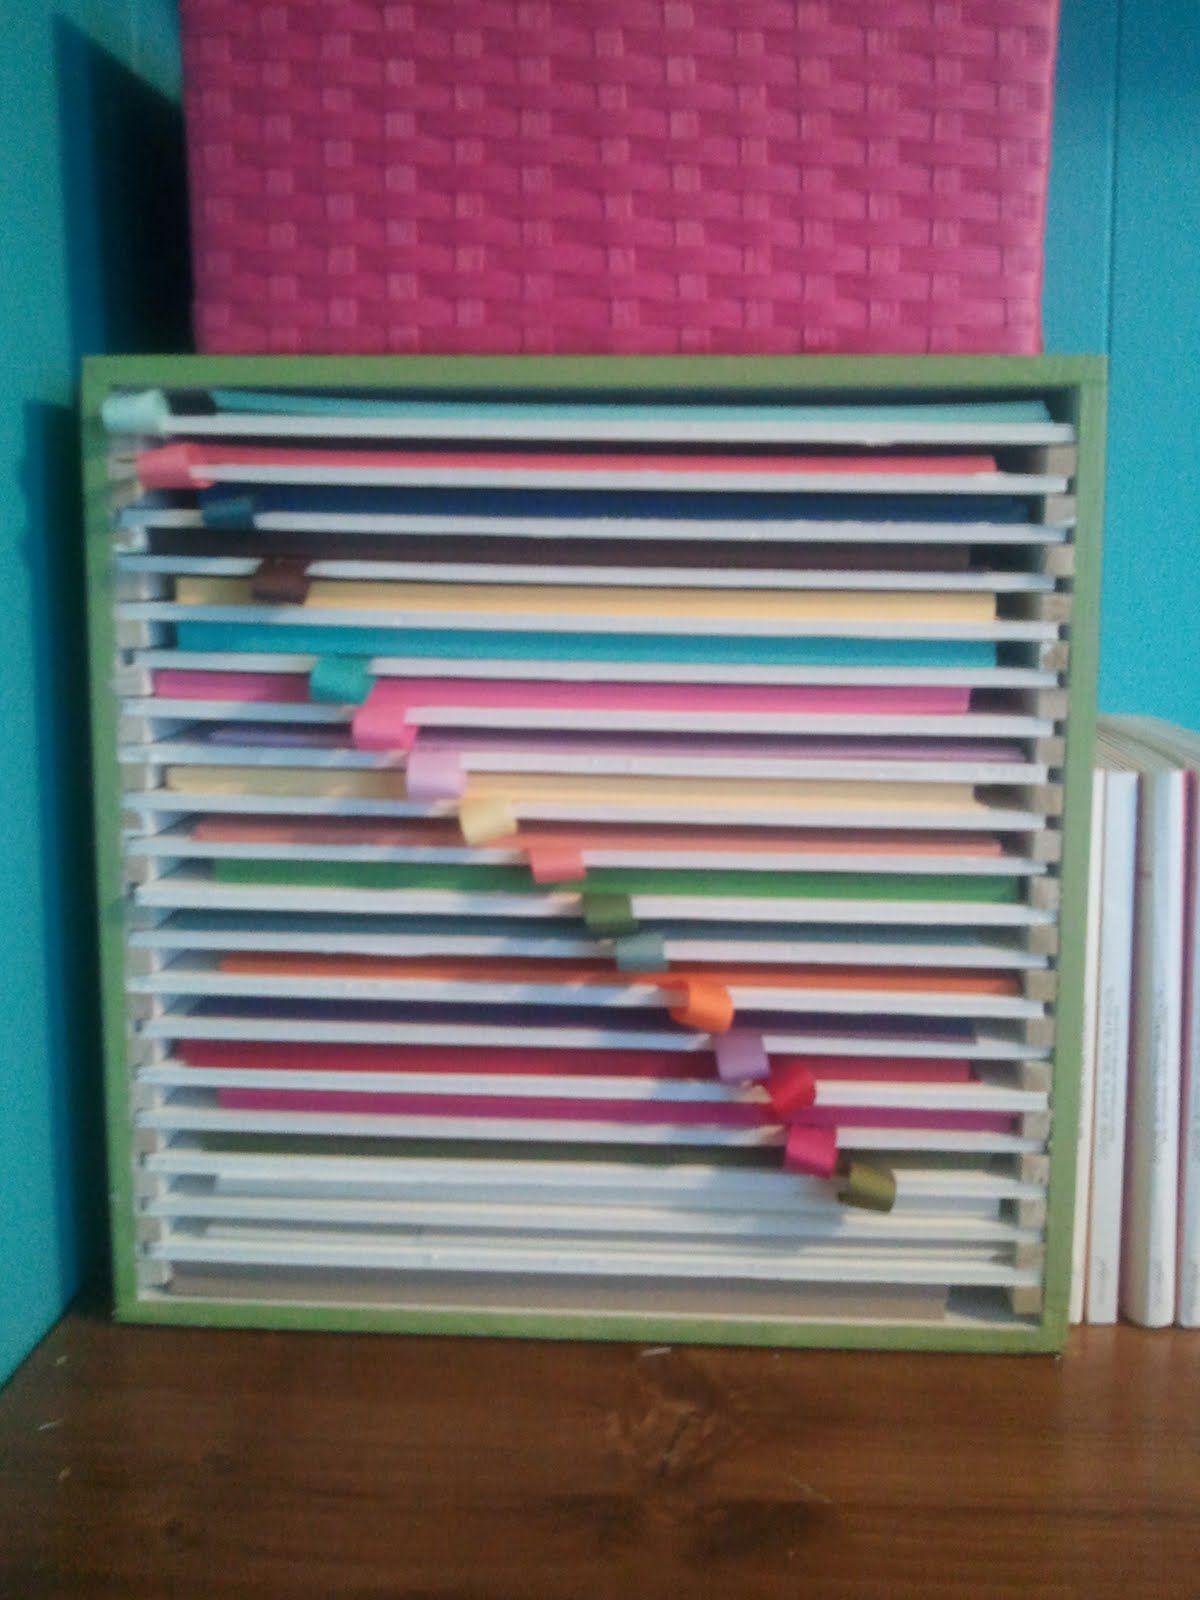 Vinyl Craft Room Organization